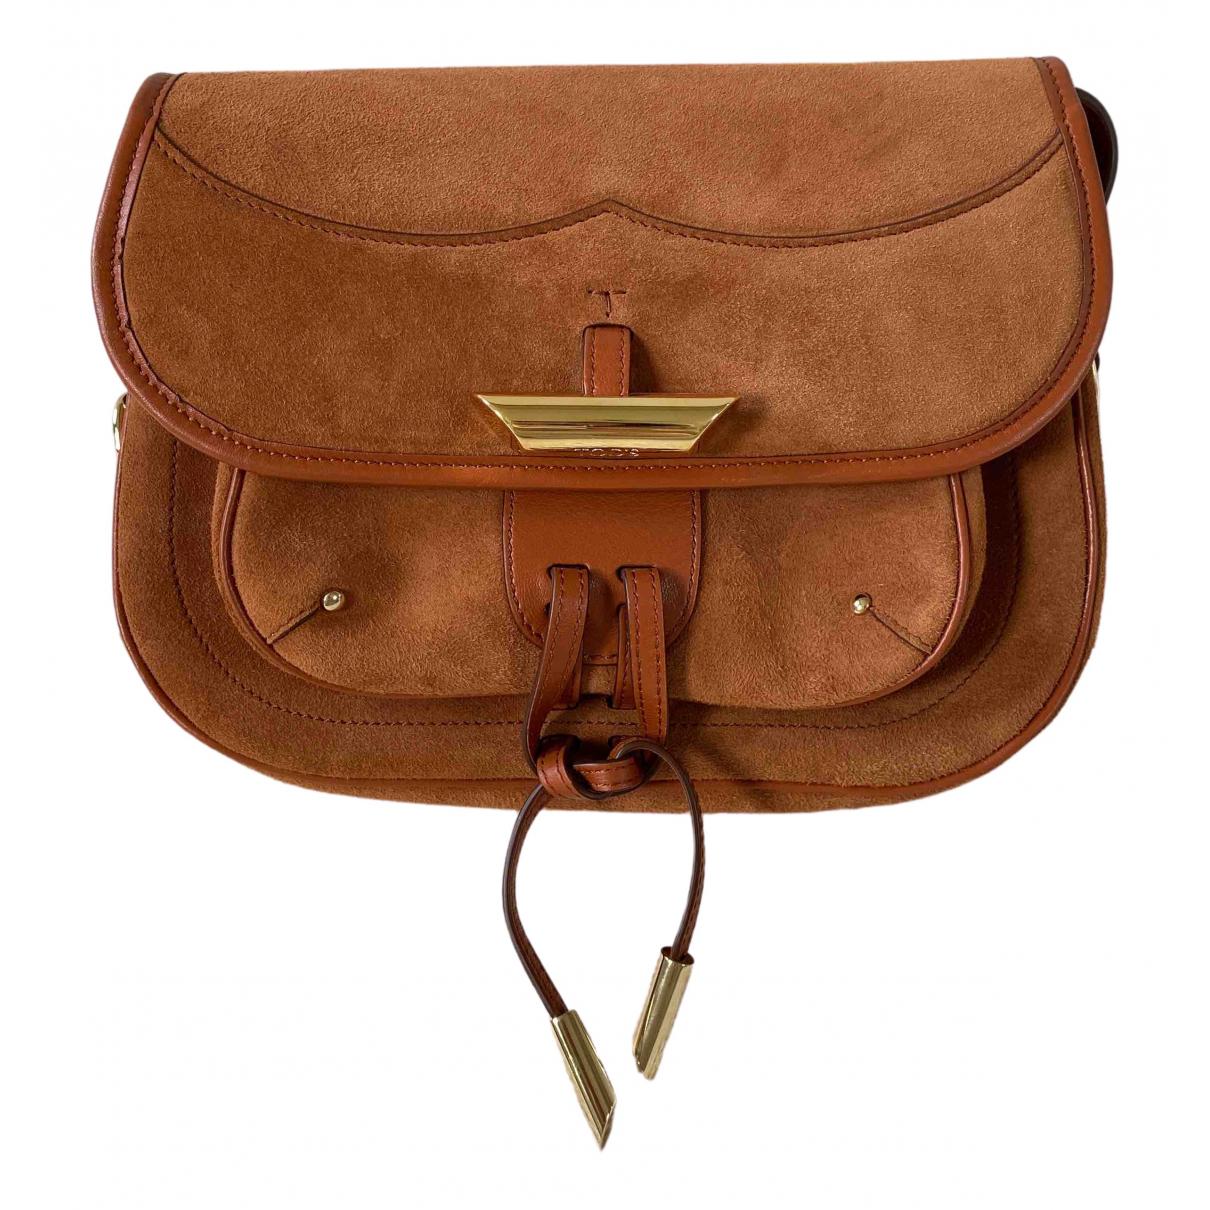 Tods \N Handtasche in  Braun Veloursleder